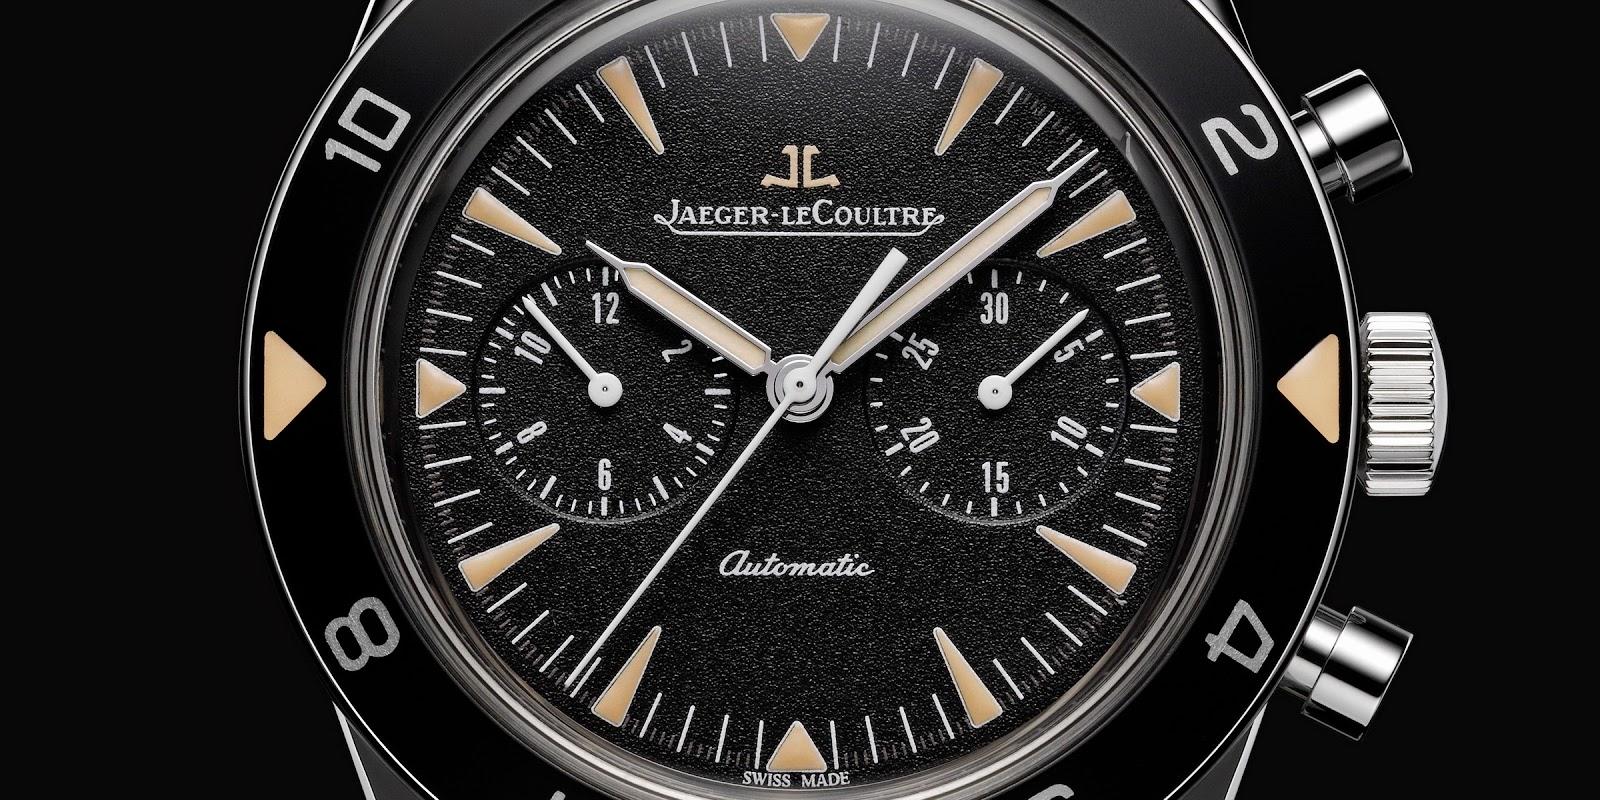 Kliknite za sliku za veću verziju  Ime:Jaeger-LeCoultre Deep Sea Vintage Chronograph (crop).jpg Viđeno:373 Veličina:374,5 KB ID:97934